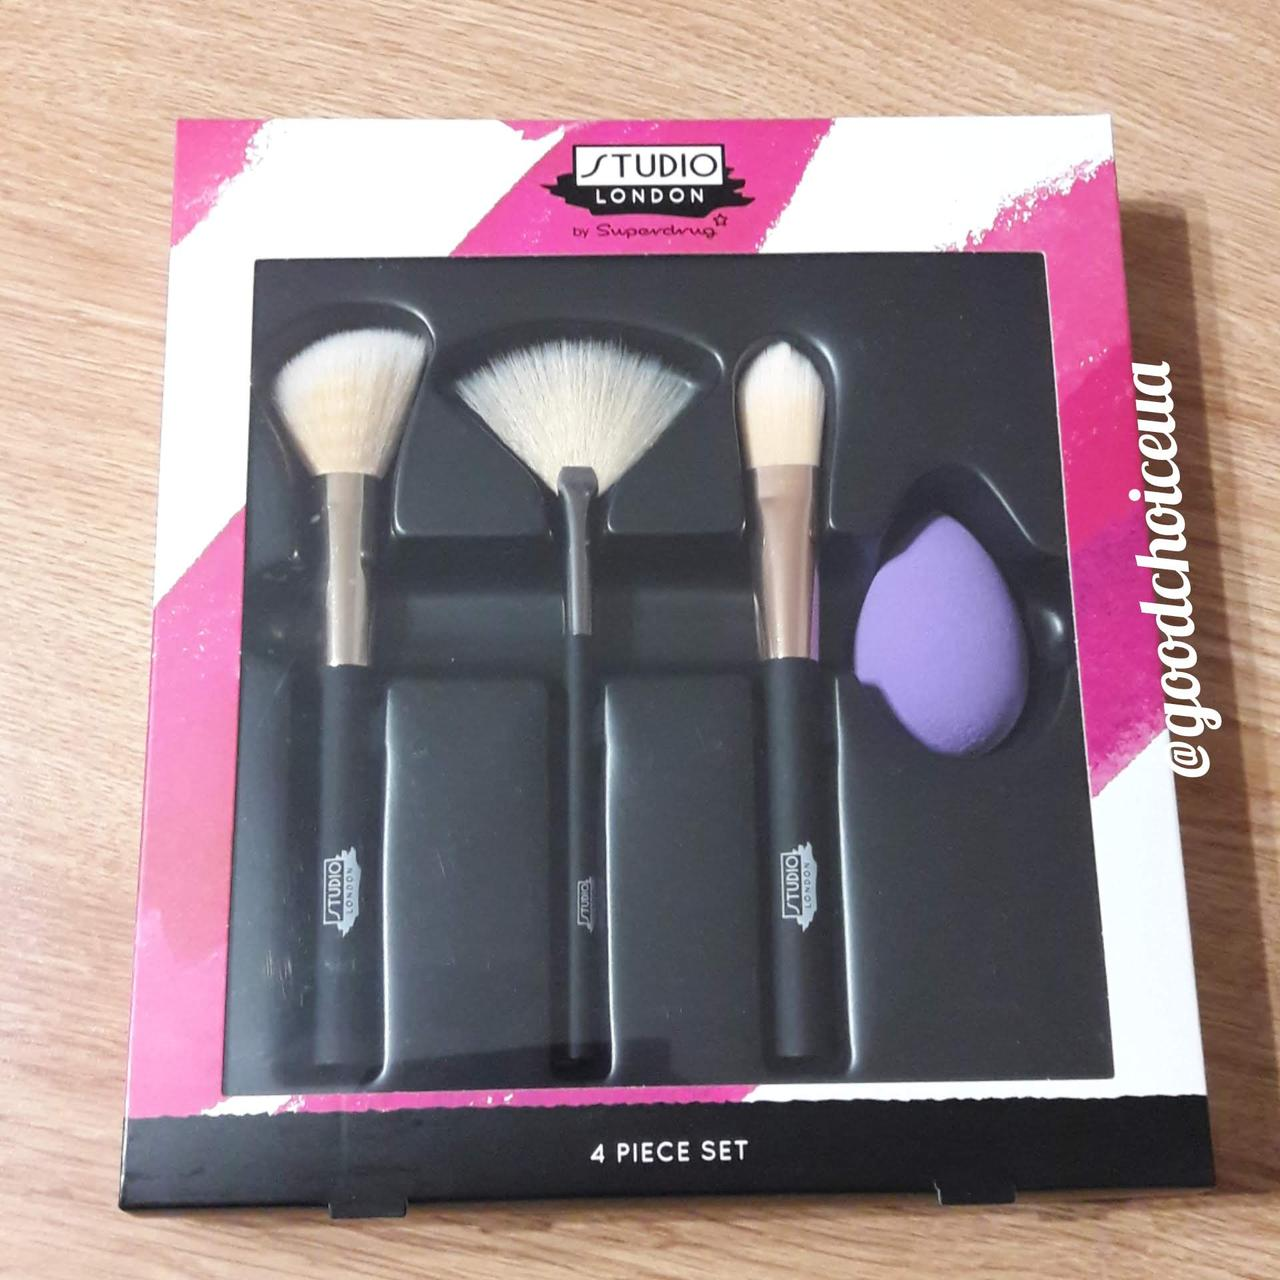 Набор кистей для макияжа Superdrug Studio London 4 Piece Brush and Sponge Set